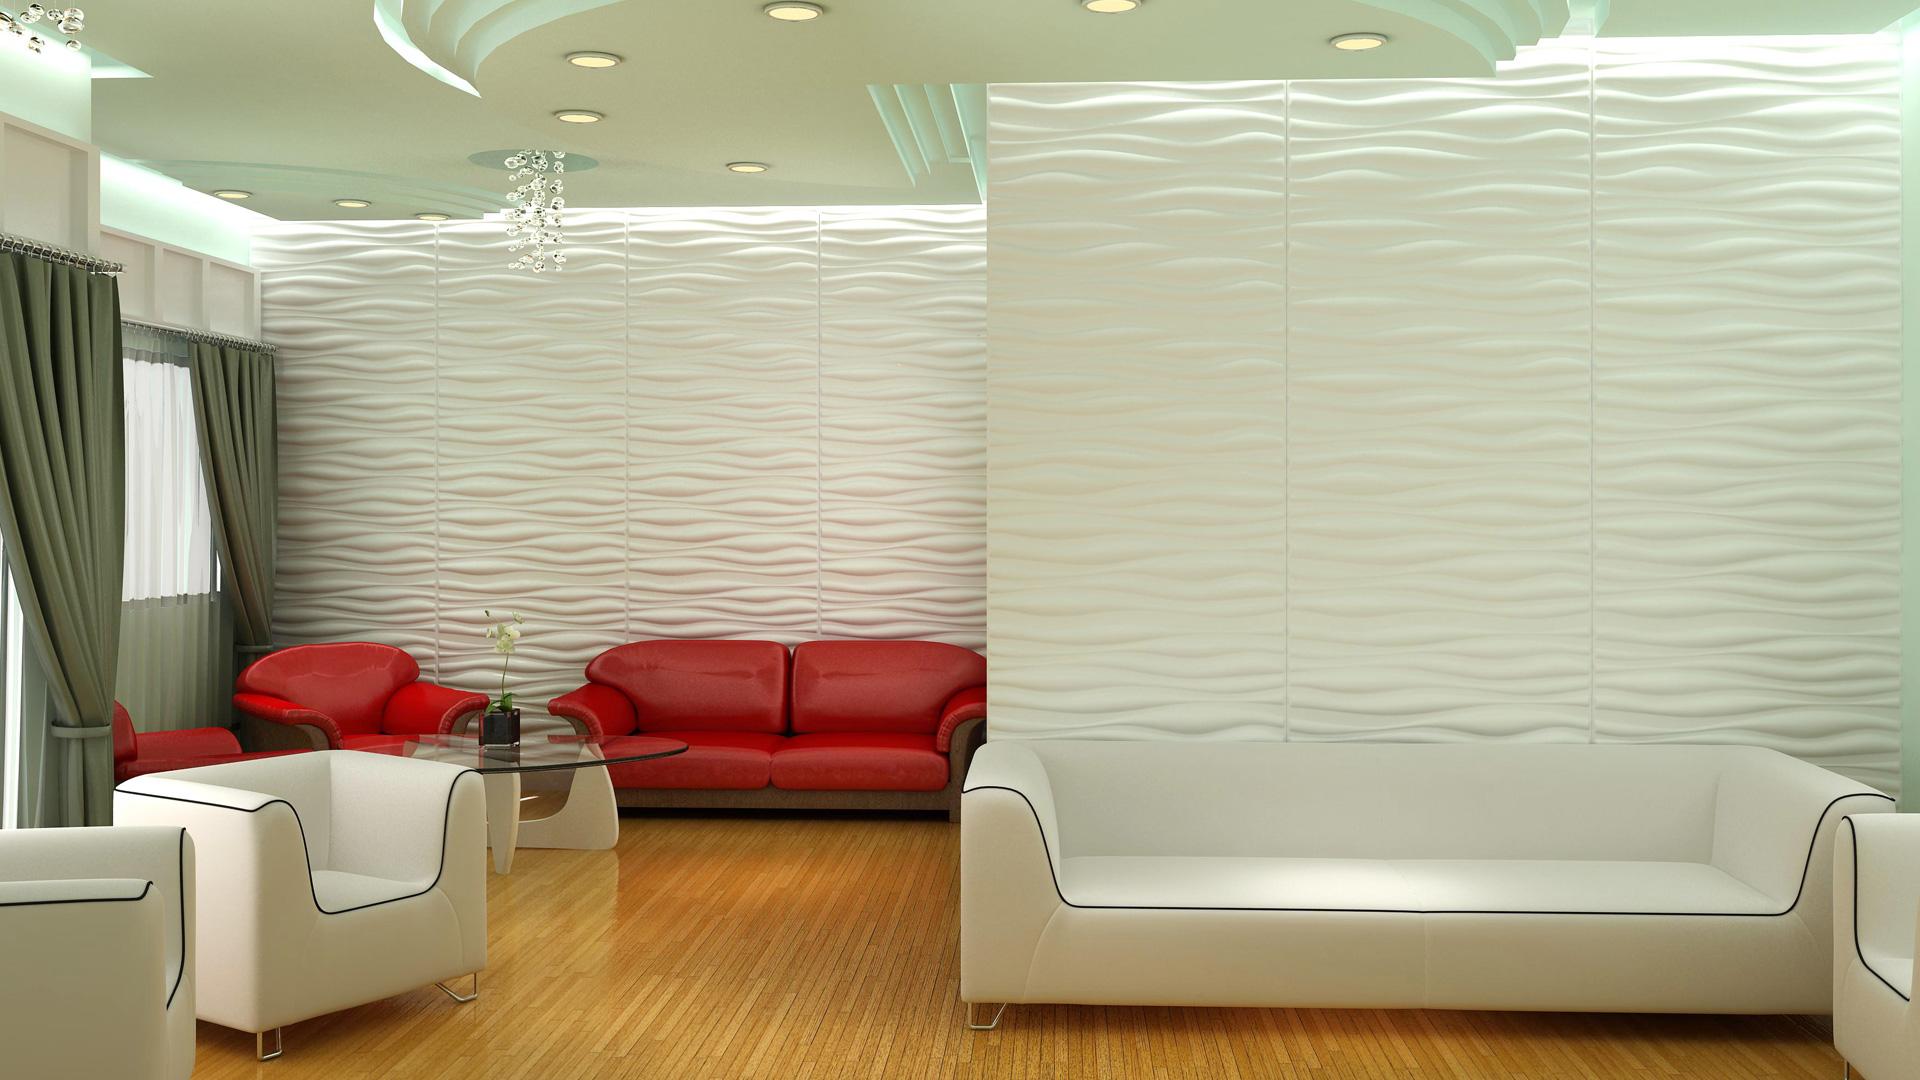 Wohnzimmer 3d wandpaneele deckenpaneele - Wandpaneele wohnzimmer ...